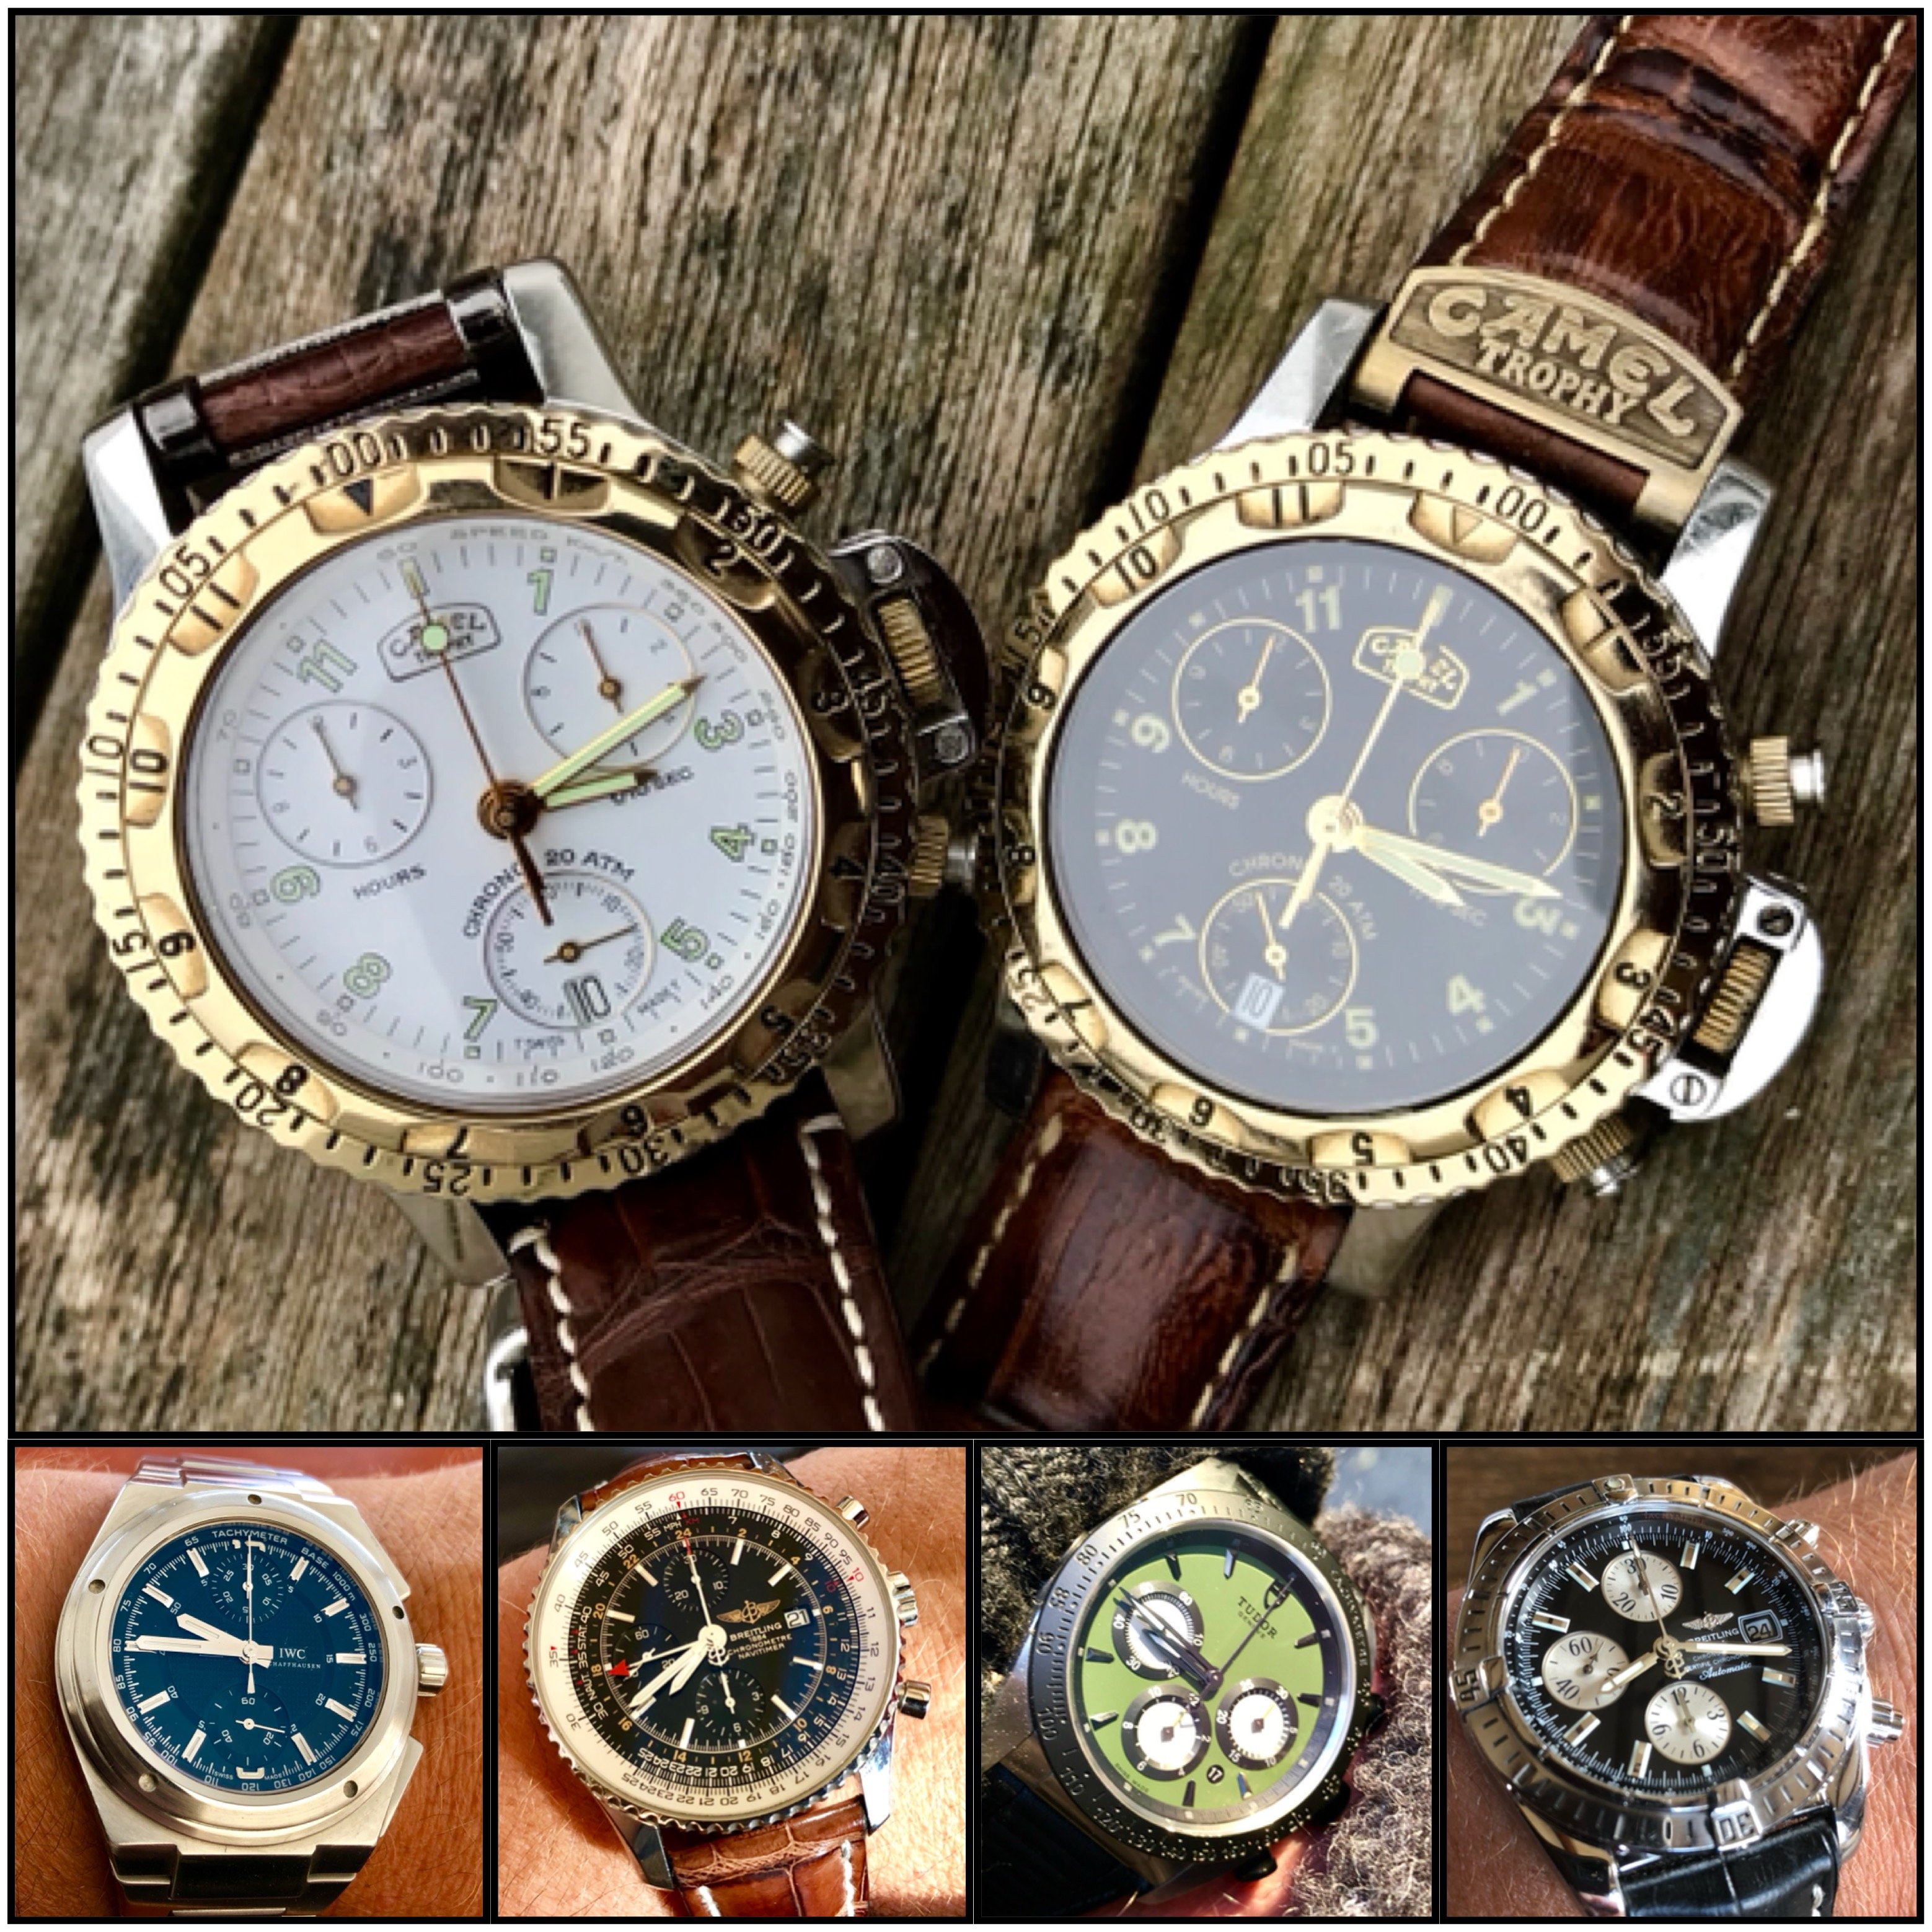 d674cb6ec2f Wat is de top 5 uit jouw collectie? - Algemene Horlogepraat -  Horlogeforum.nl - het forum voor liefhebbers van horloges